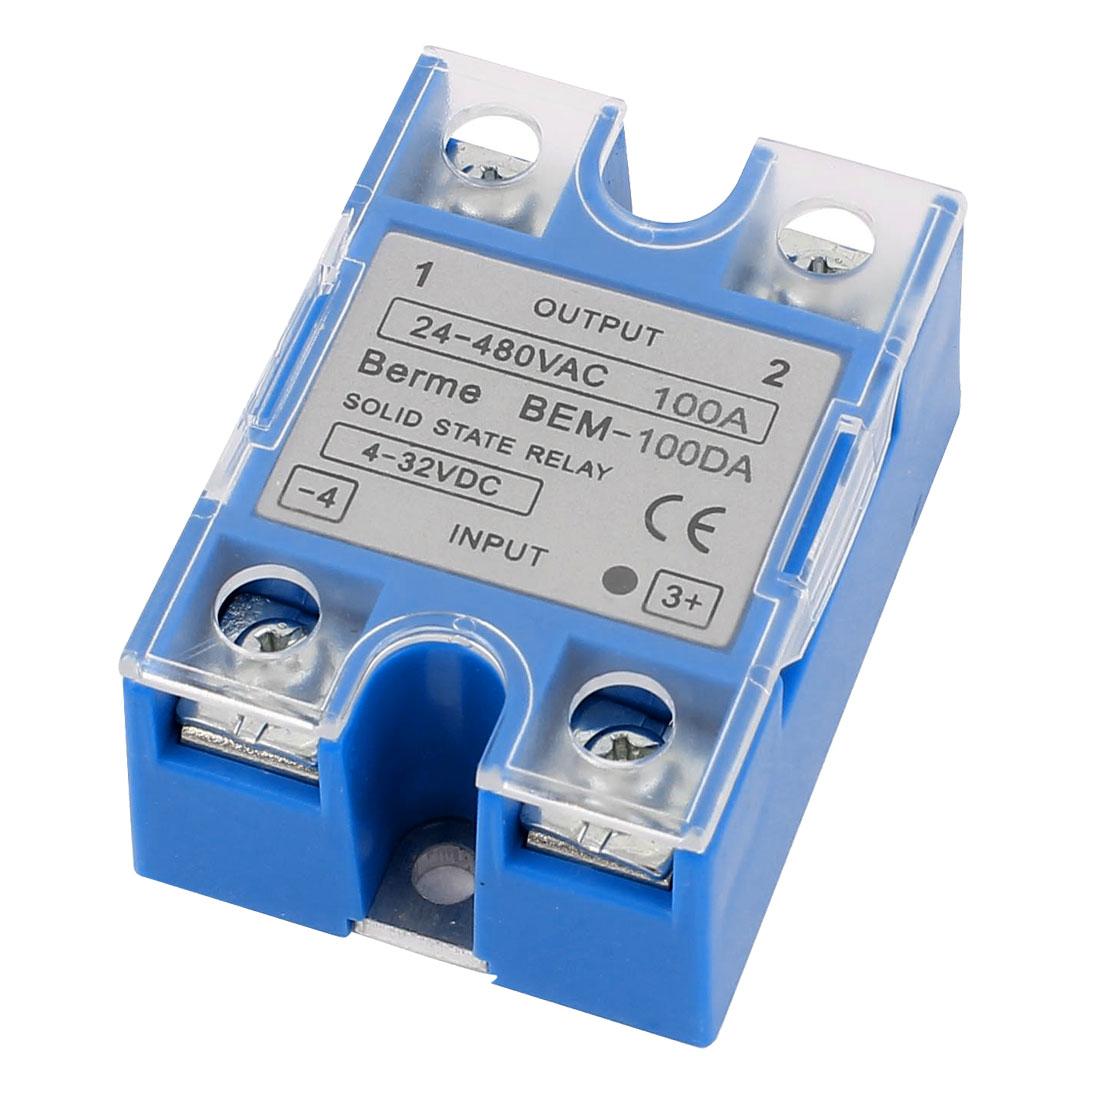 DC to AC 4-32V 24-480V BEM-100DA 100A Crydom Solid State Relay Blue